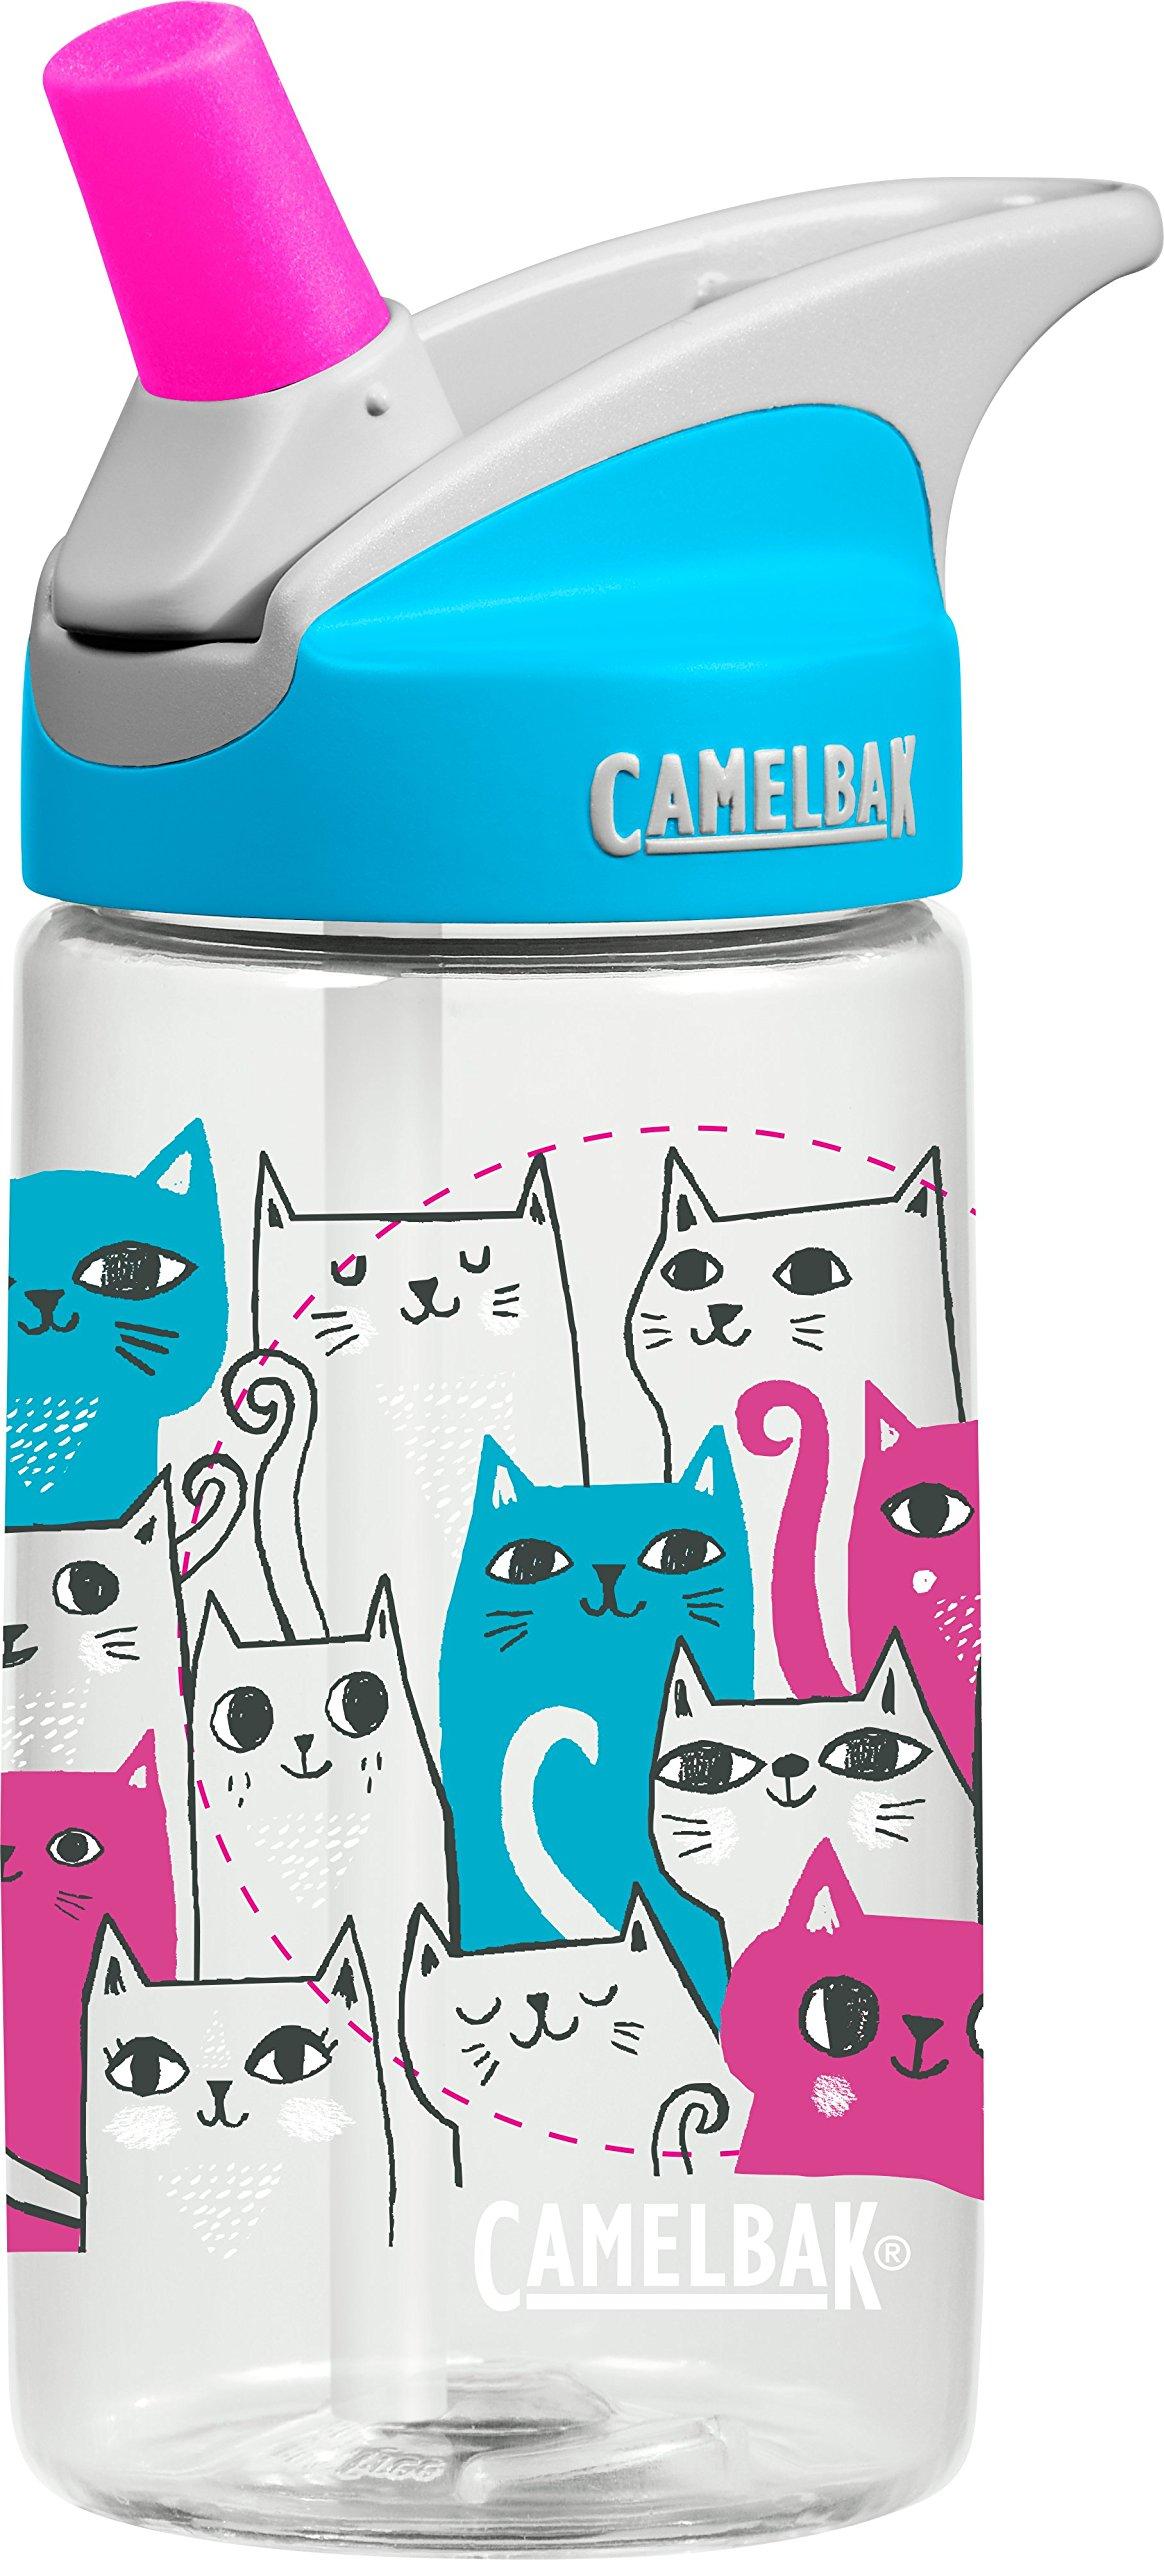 CamelBak Kids Eddy Water Bottle, Cats, 0.4 L